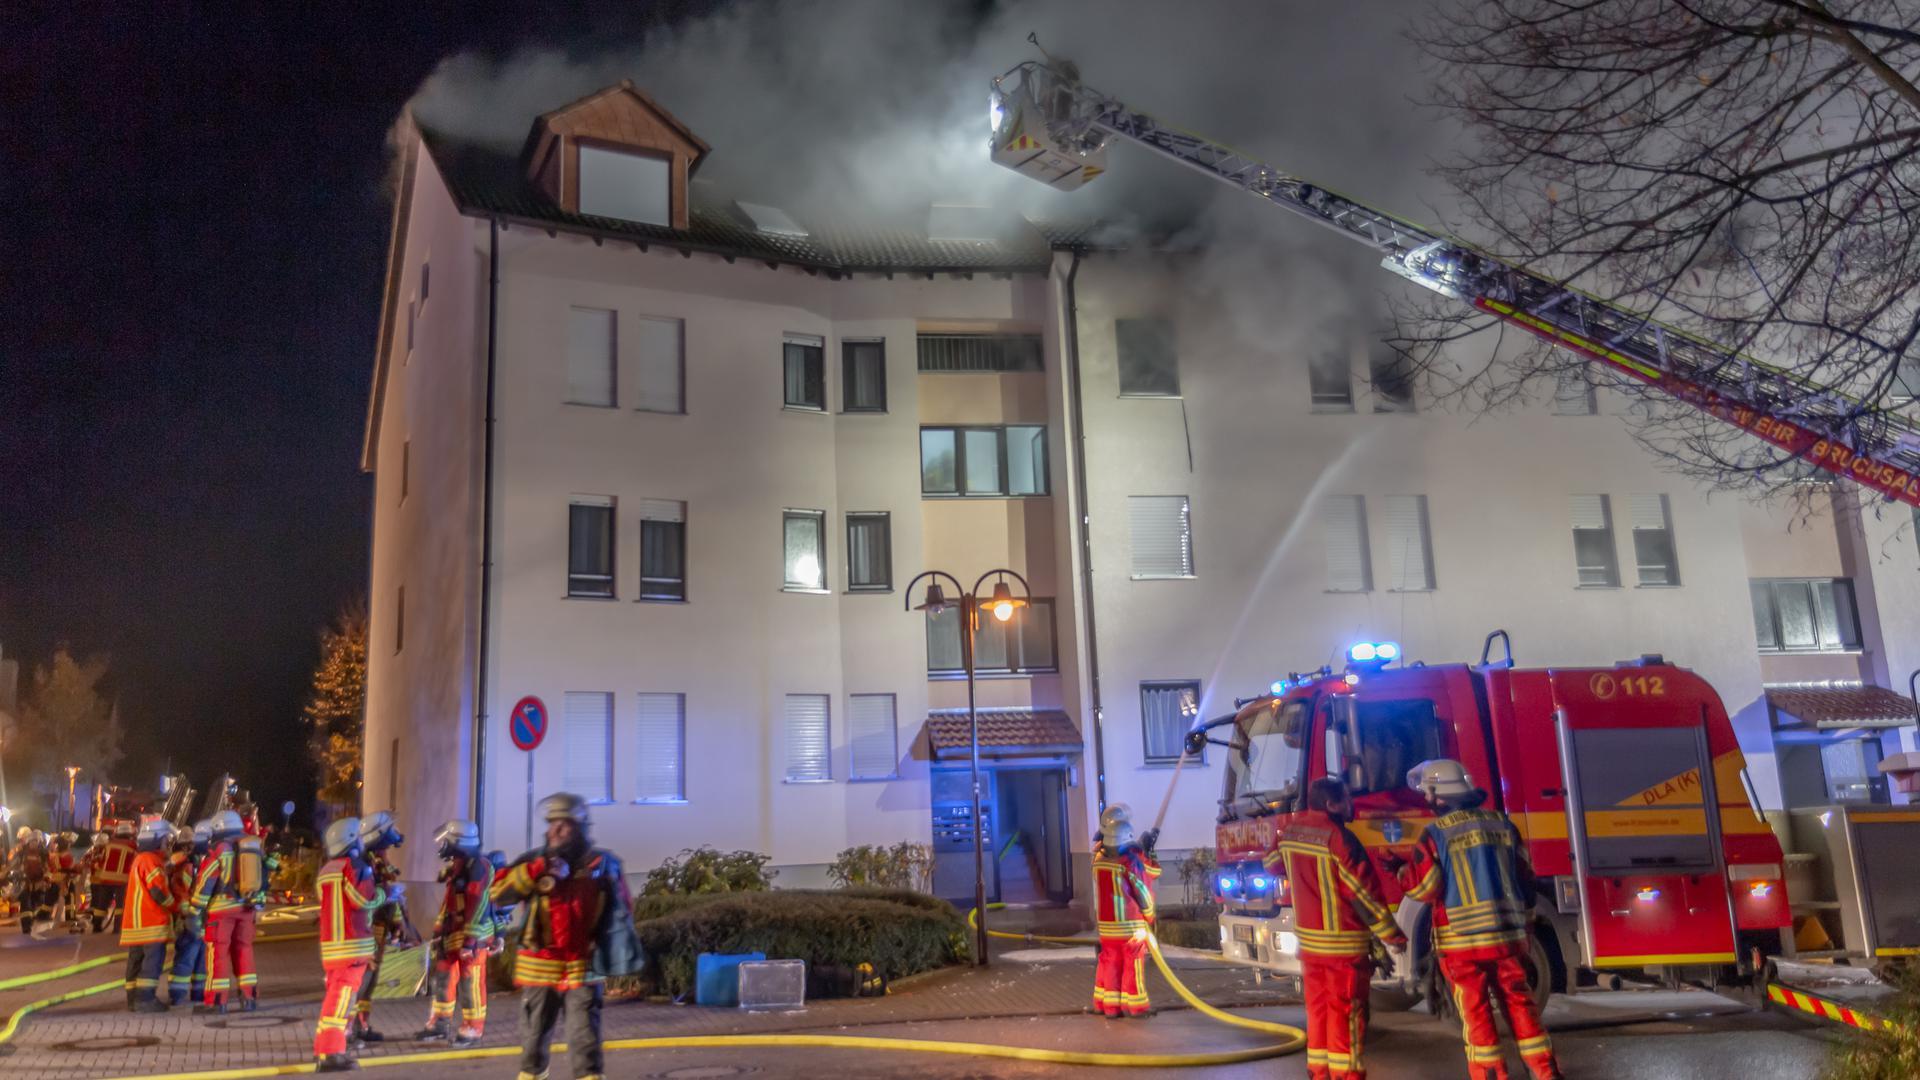 Ein Wohnungsbrand beschäftigte am späten Samstagabend die Einsatzkräfte in Bruchsal.